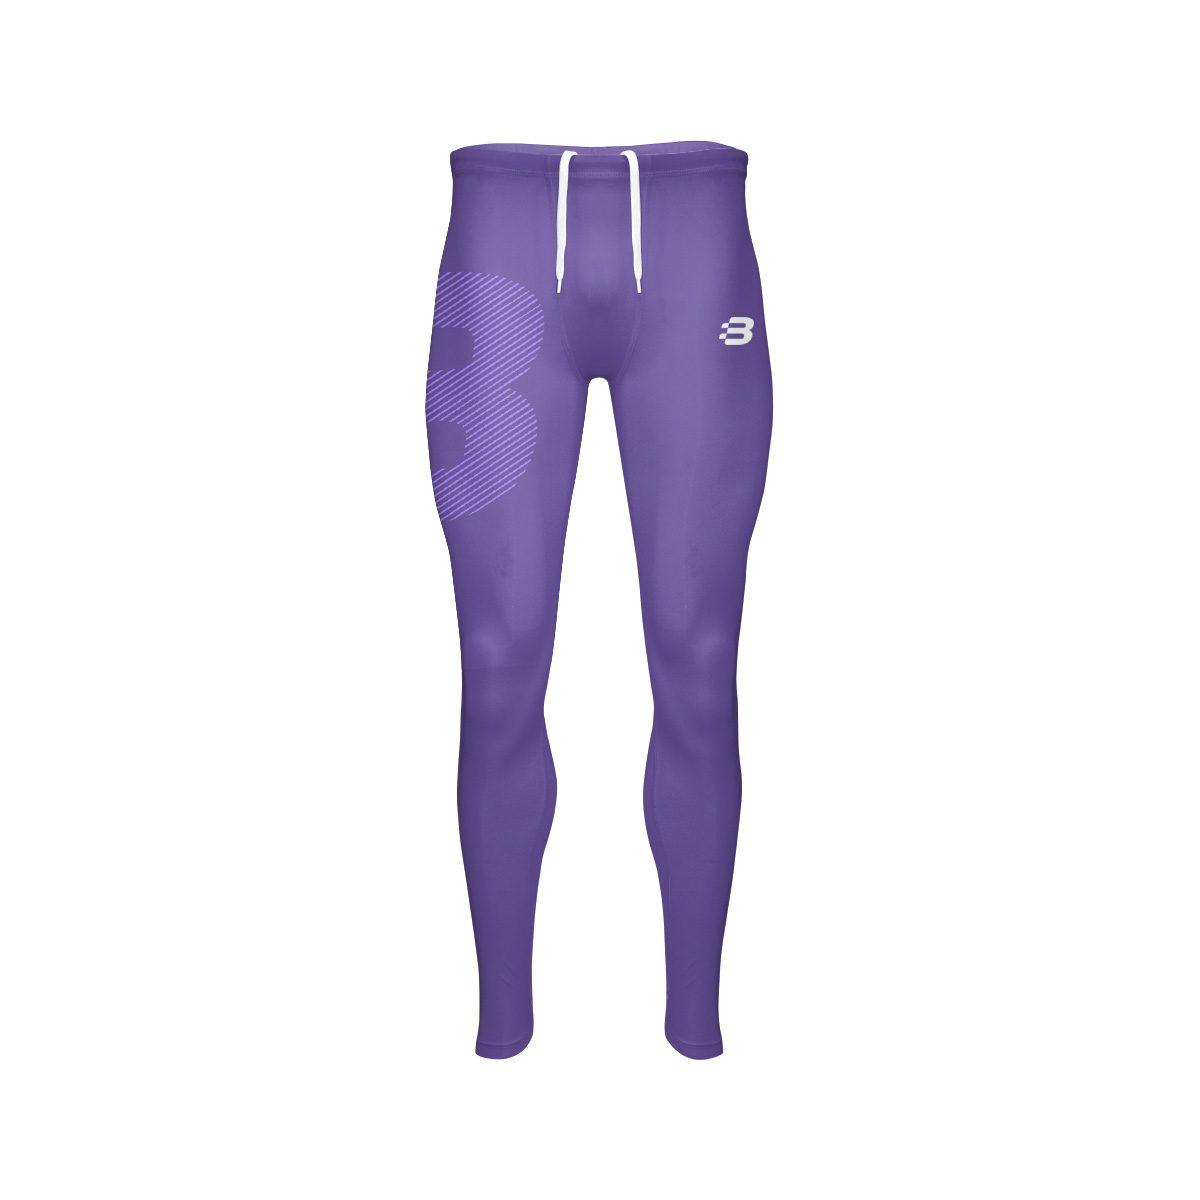 Mens Compression Tights - Purple